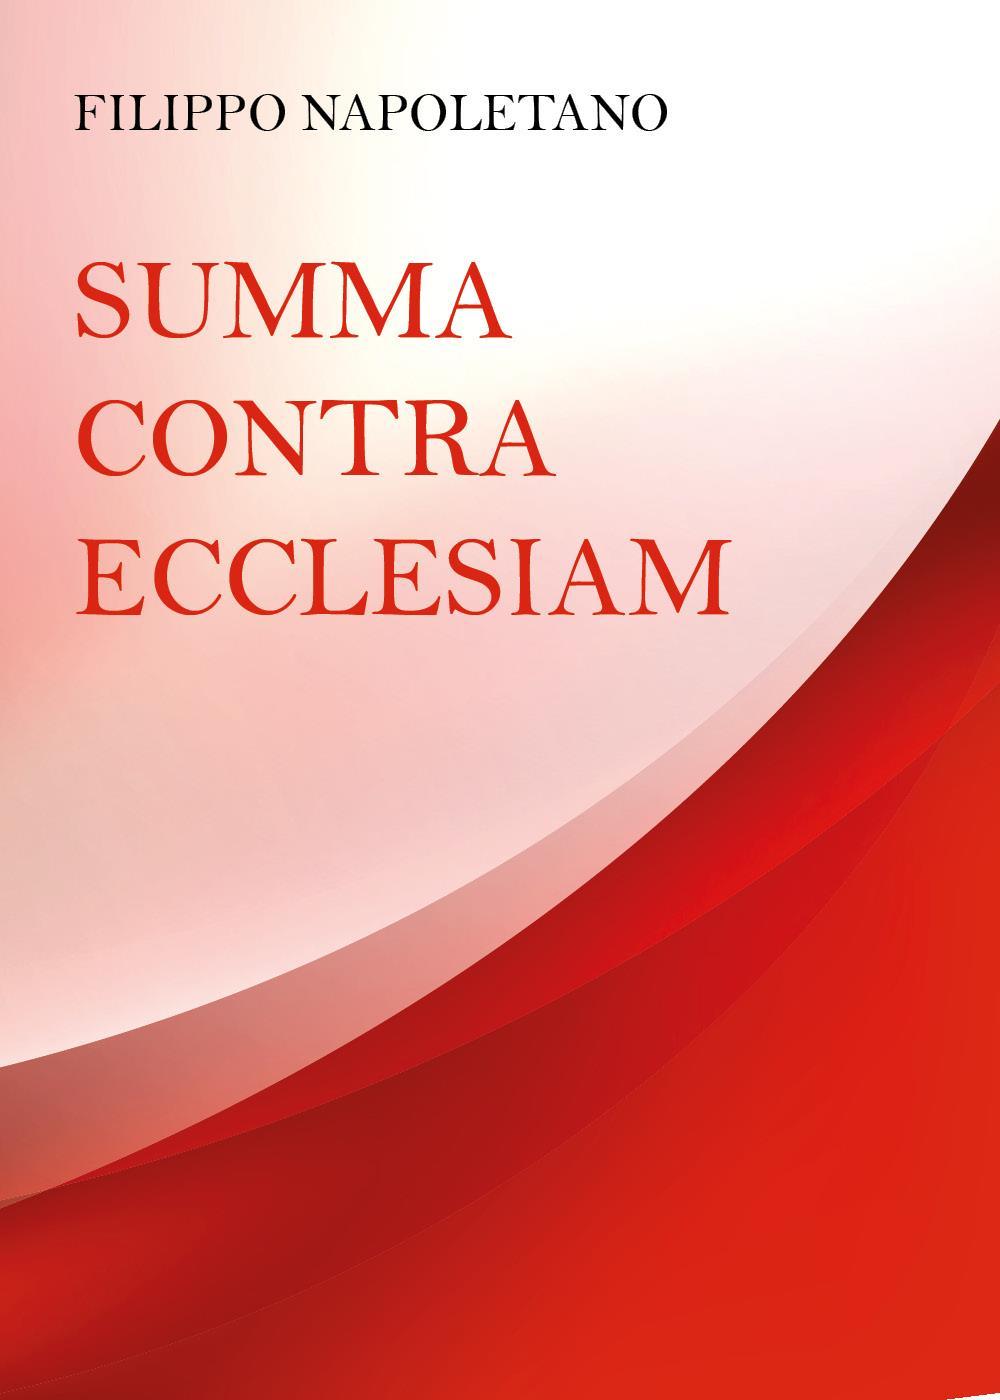 Summa Contra Ecclesiam